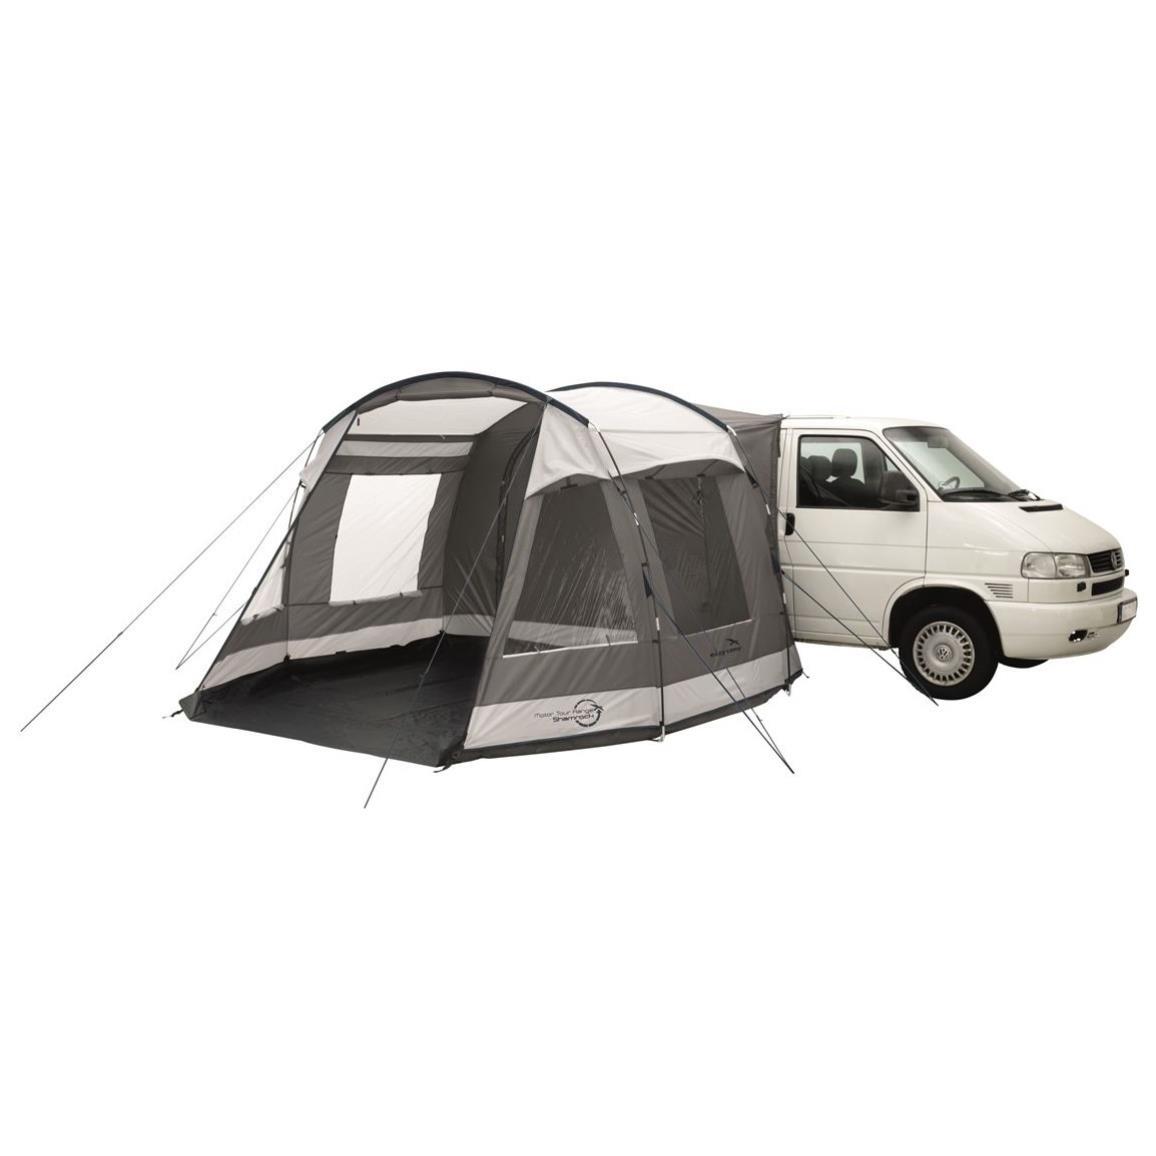 easy camp Shamrock Buszelt grau,grey